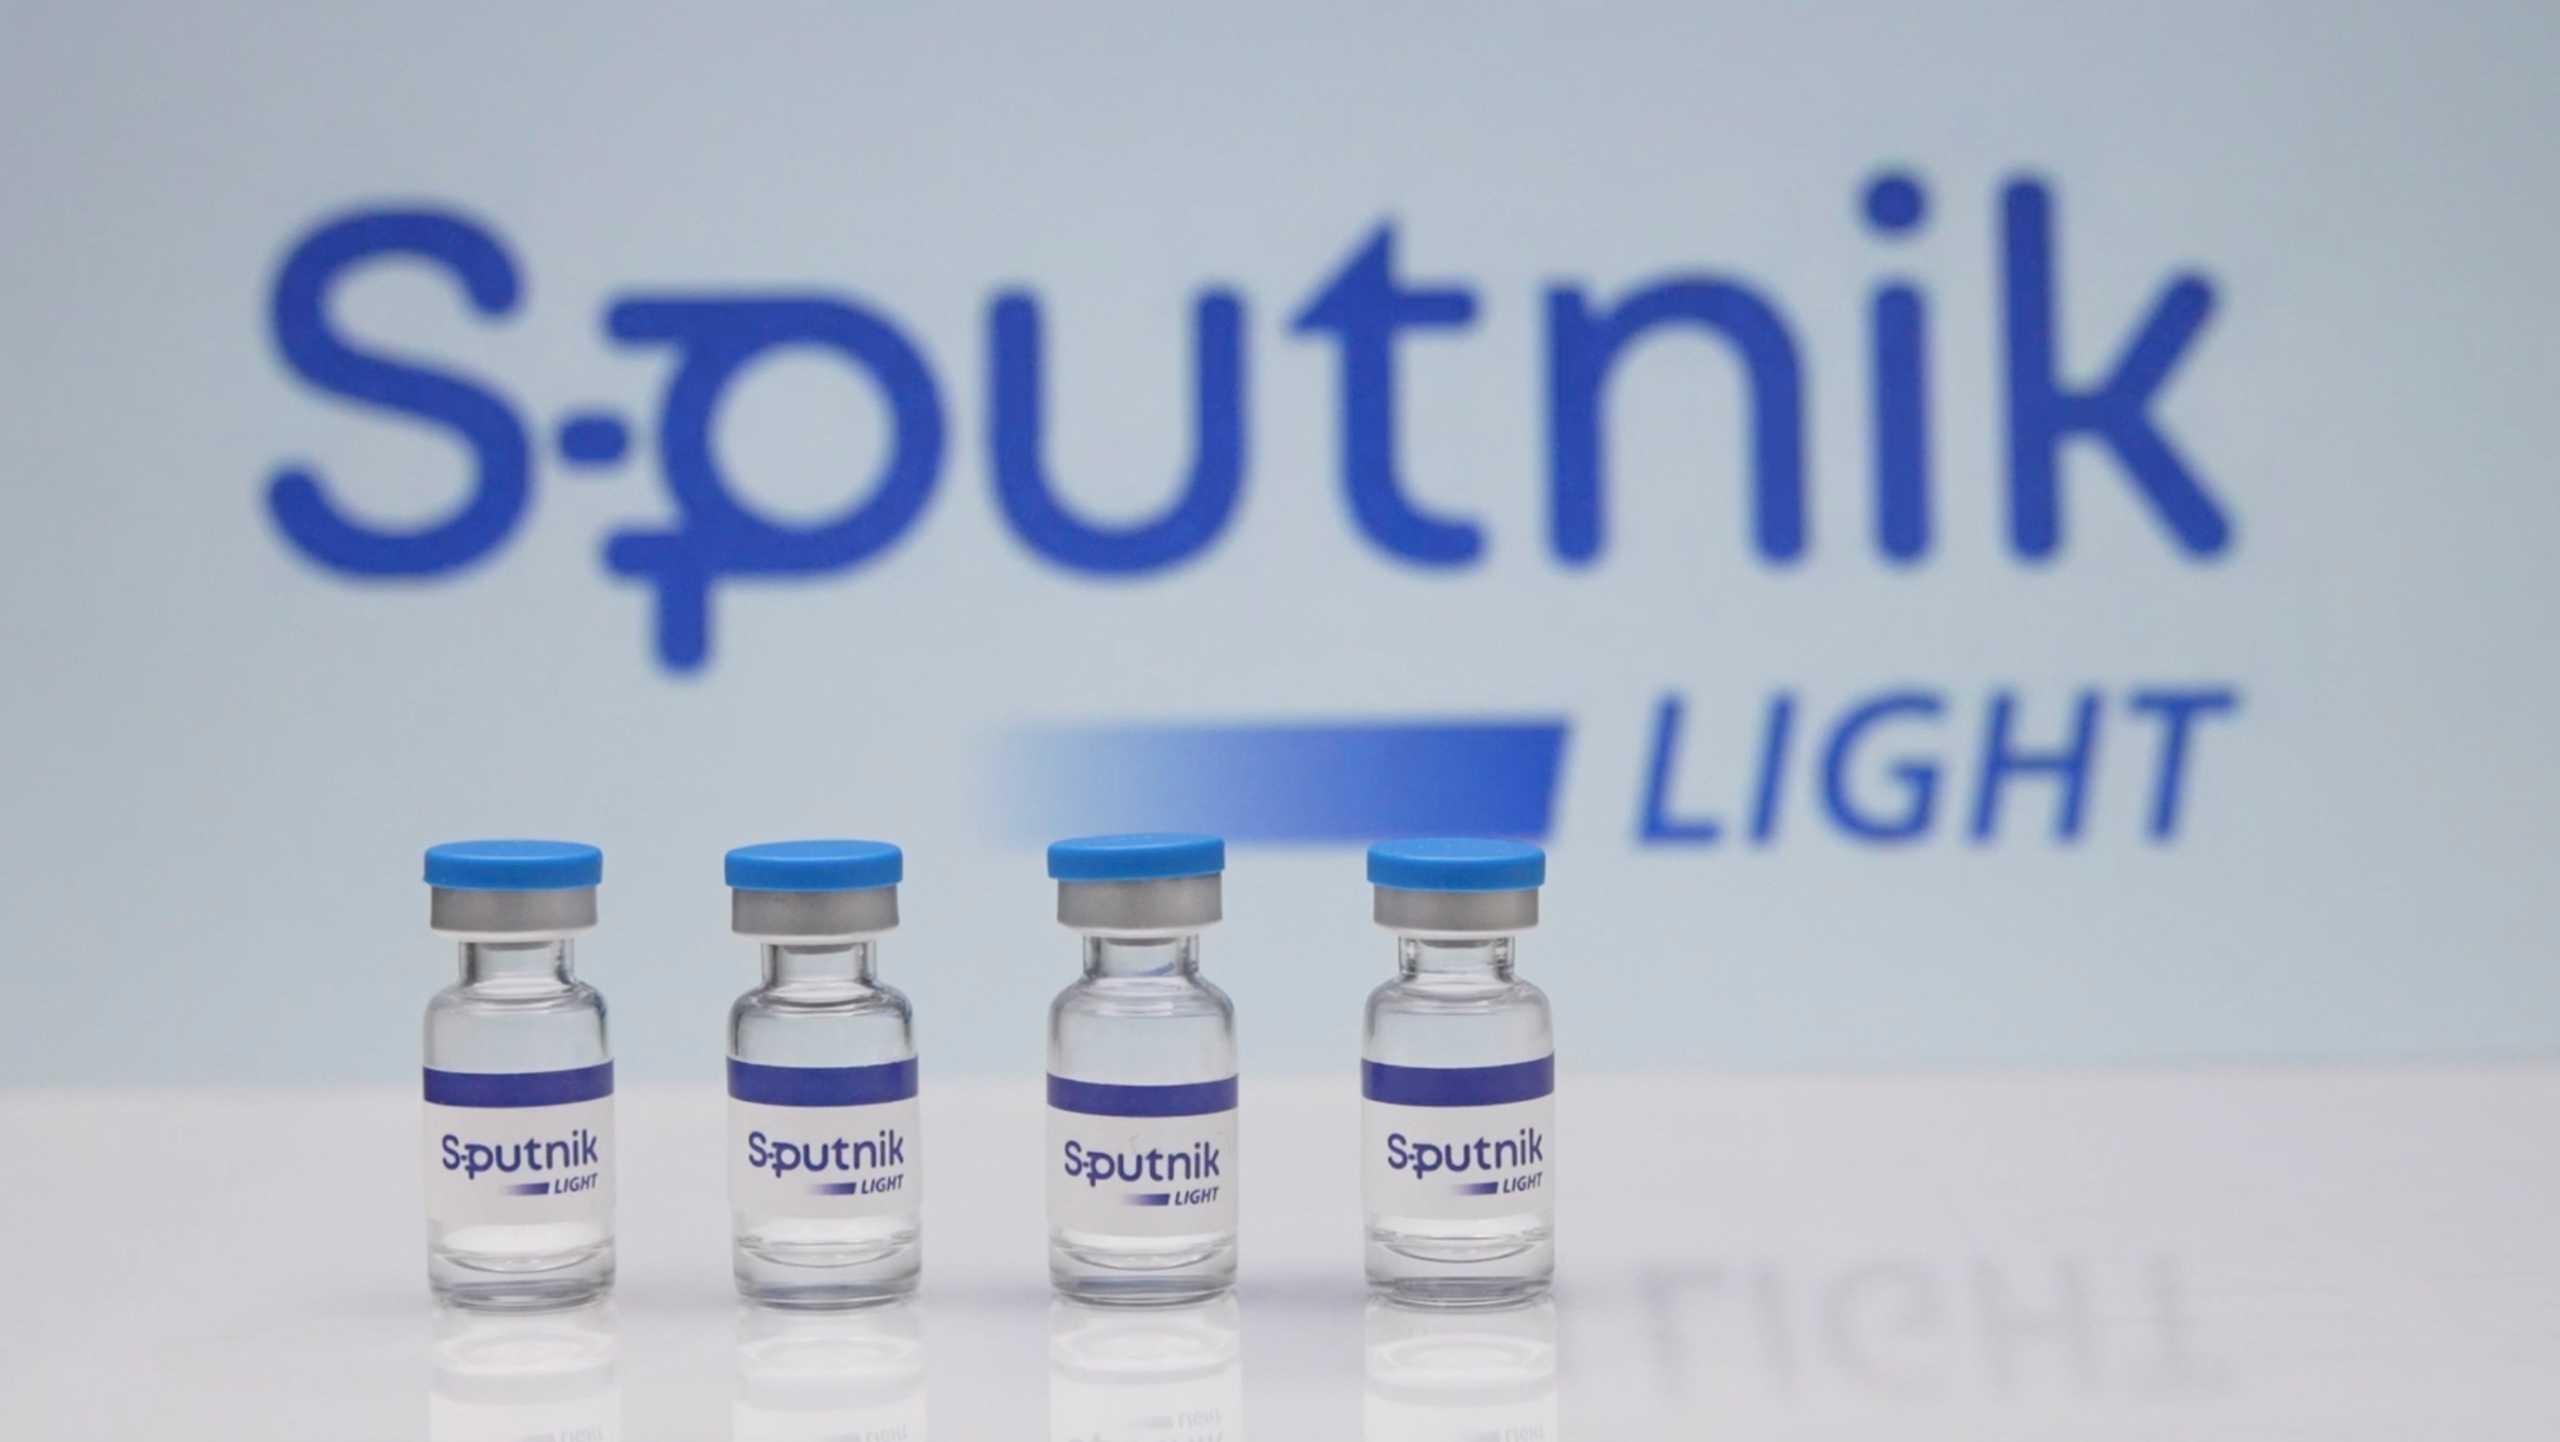 Ρωσία: Εγκρίθηκε το μονοδοσικό εμβόλιο Sputnik Light κατά του κορονοϊού